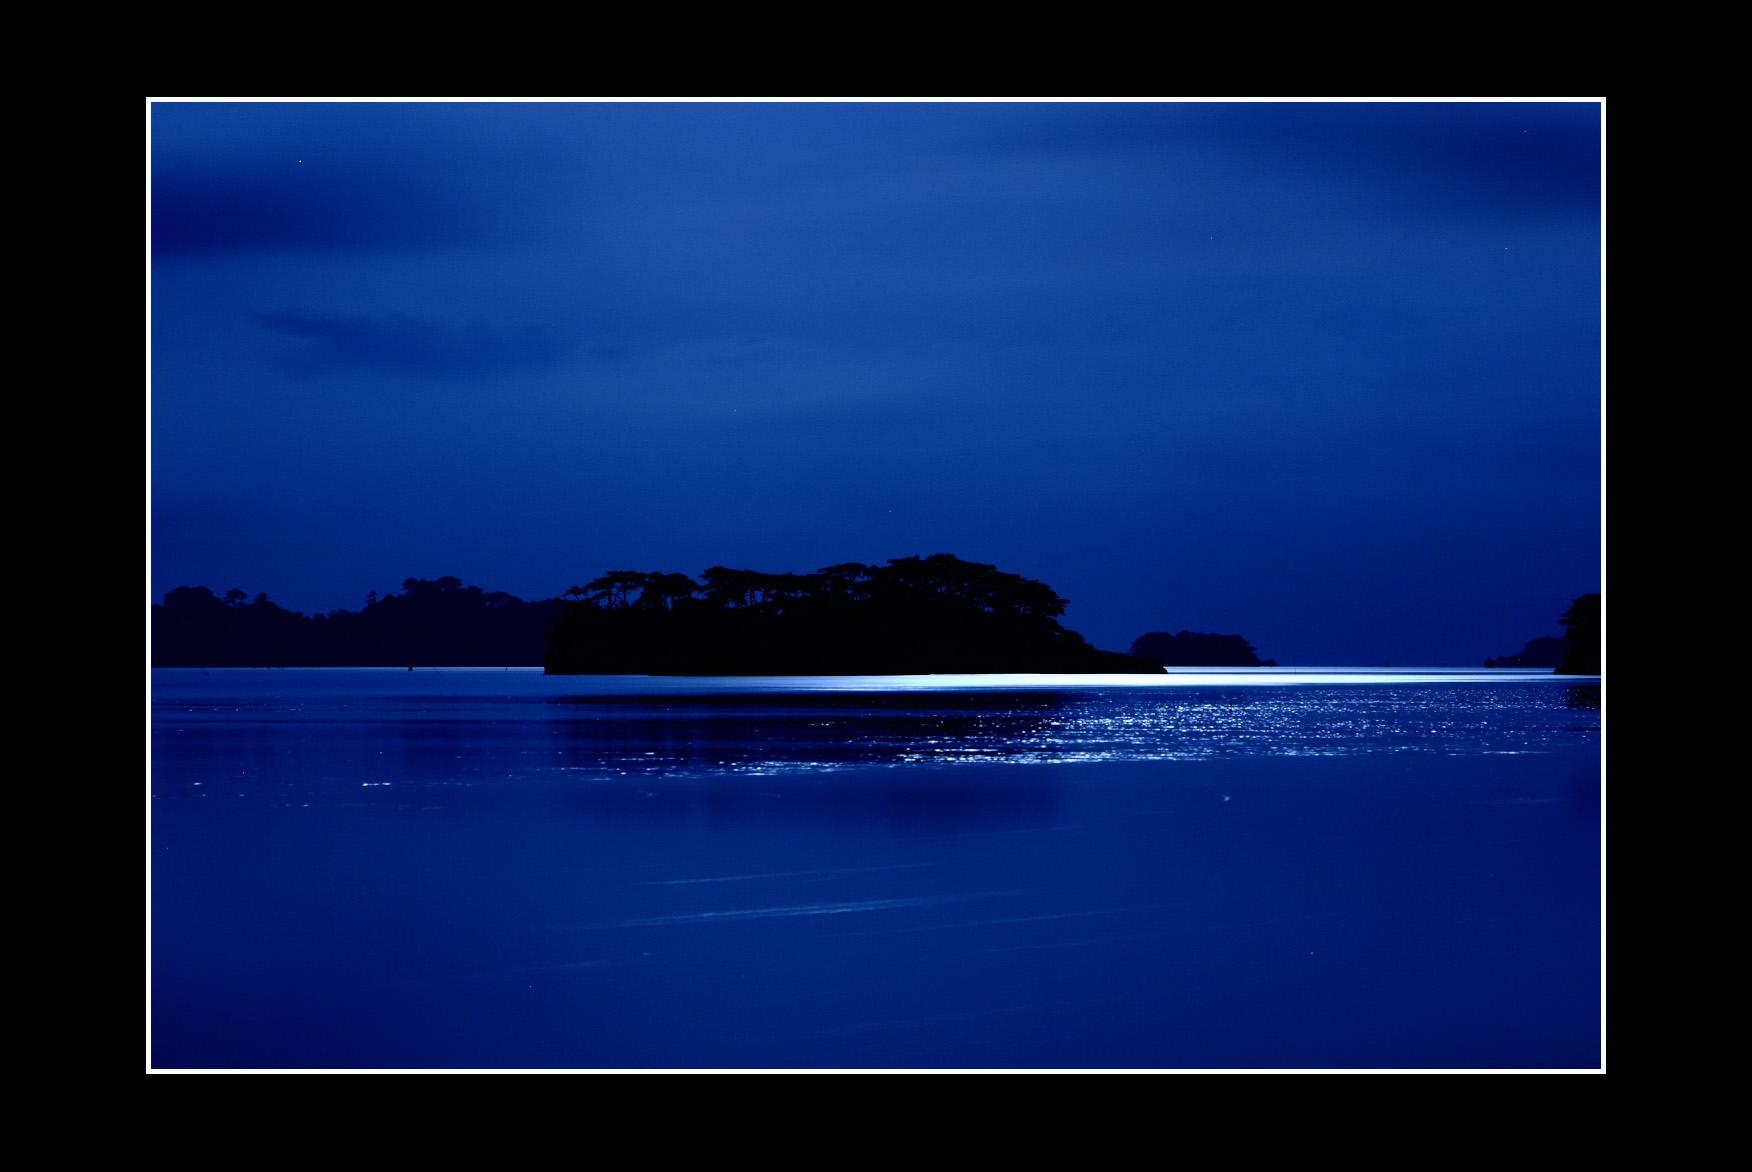 2009年CAPA11月号 『氷の世界』 風景の部 1席受賞_b0191074_1247610.jpg